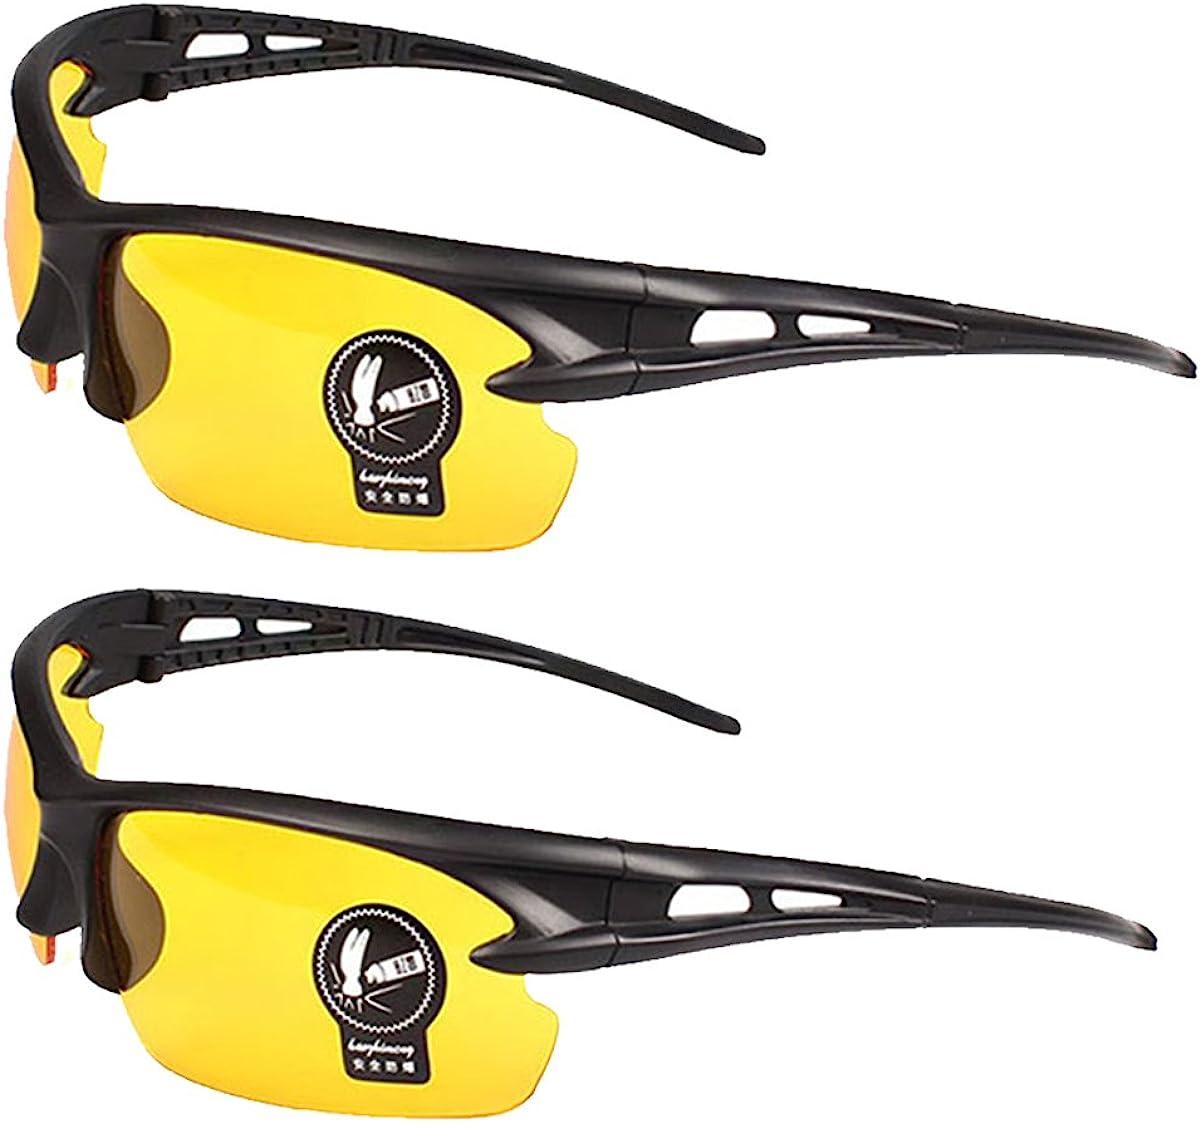 2 Pares Gafas de Sol Unisex Visión Nocturna Lentes Amarillas Sin Polariza Antideslumbrante Protección UV400 Conducción Disparos de Pesca Esquí de Caza Gafas Deportes al Aire Libre para Hombres Mujeres